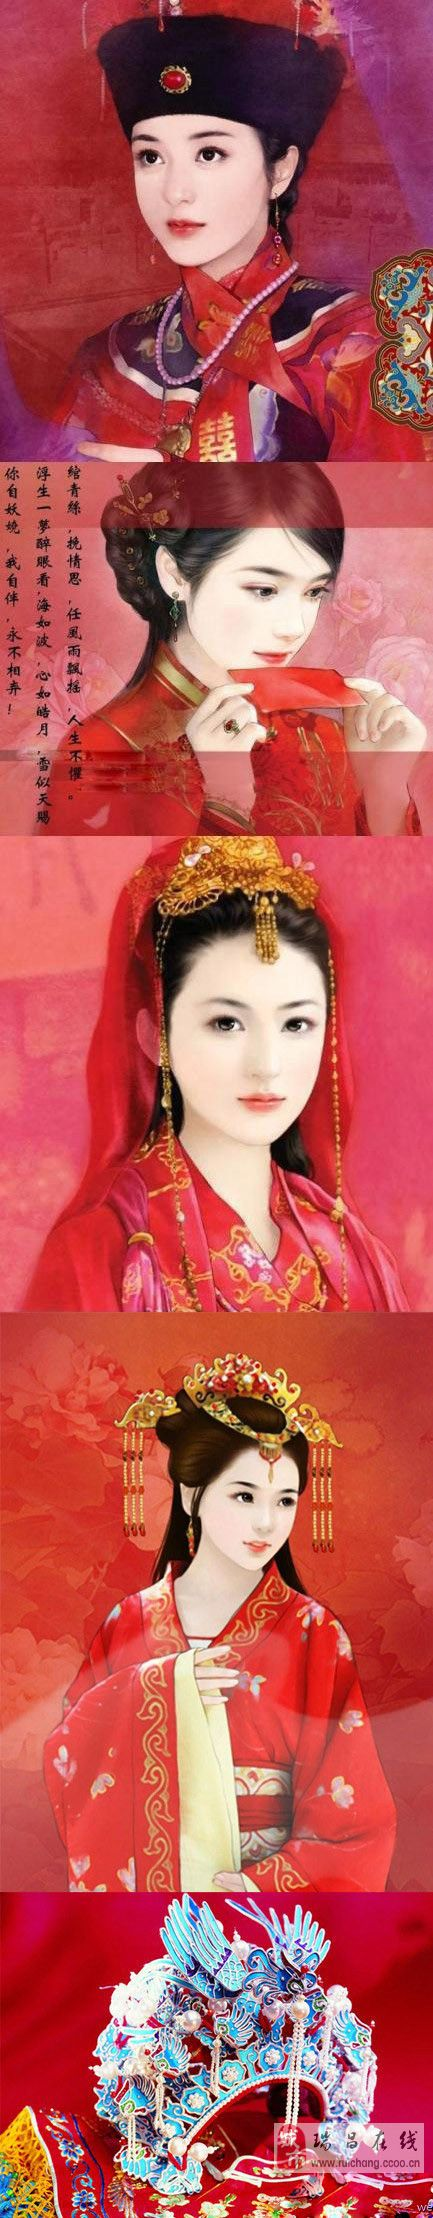 中国新娘的传统礼服,凤冠霞帔。美死了!